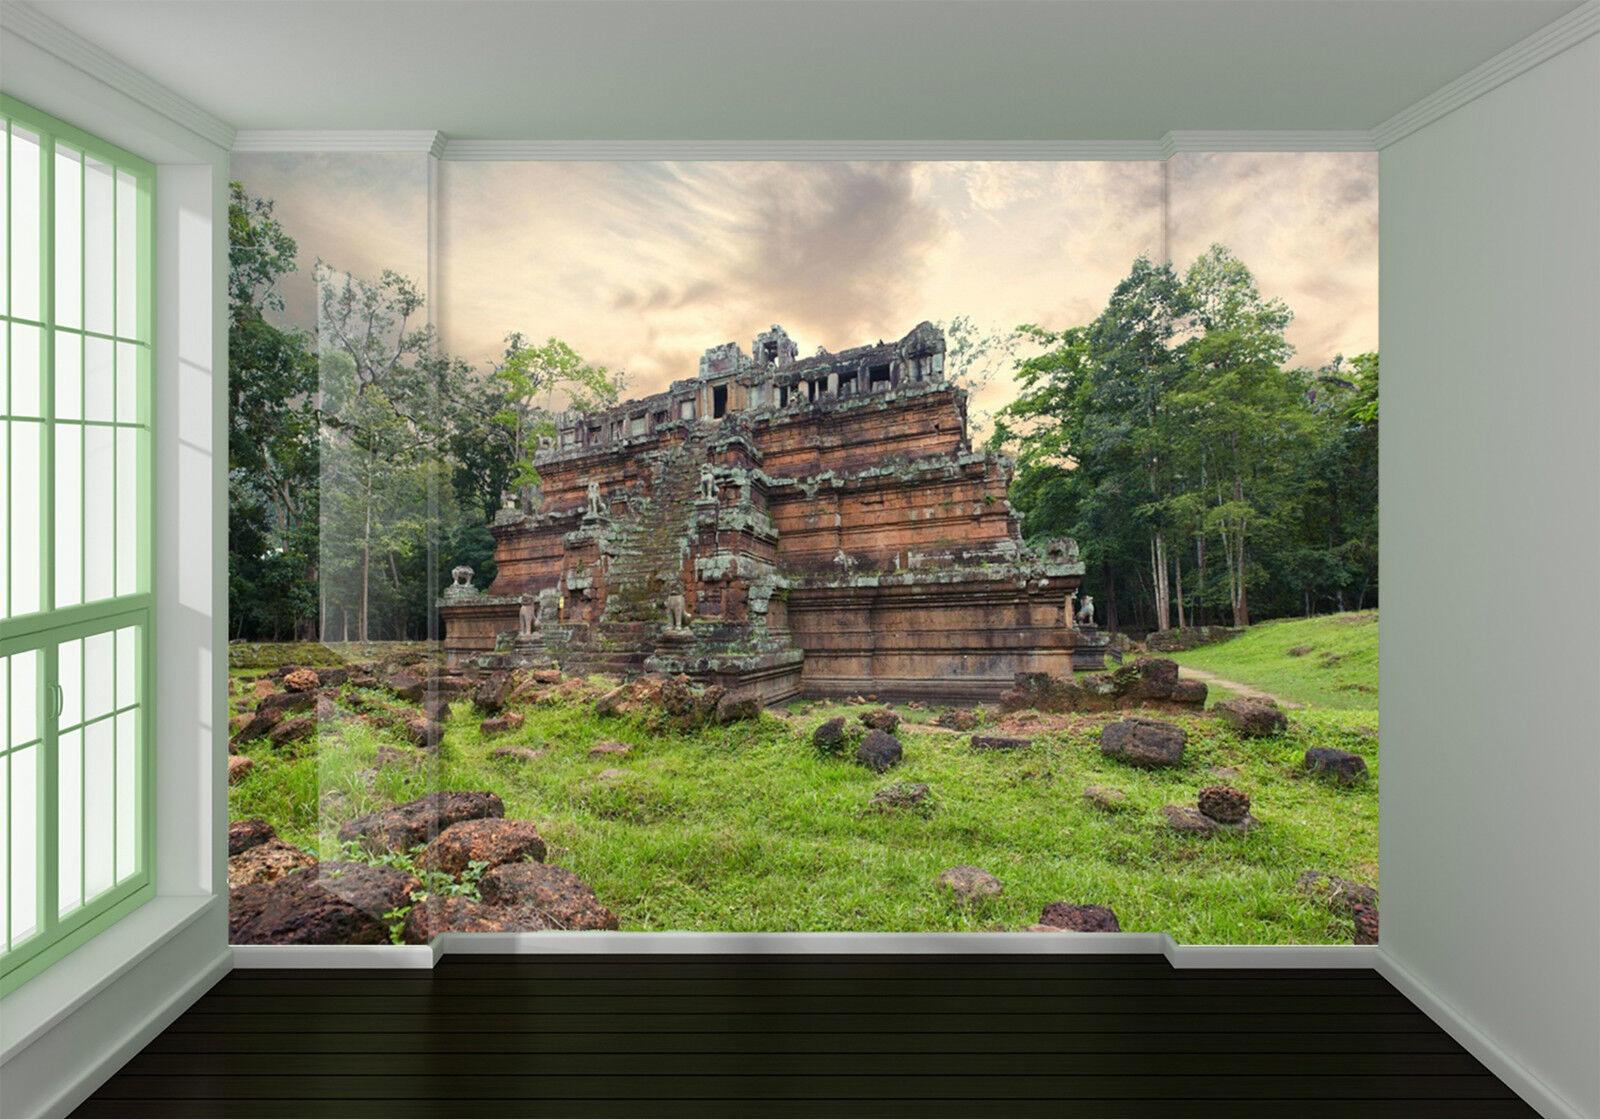 3D Kurau 4655 Fototapeten Wandbild Fototapete Bild Tapete Familie Kinder DE